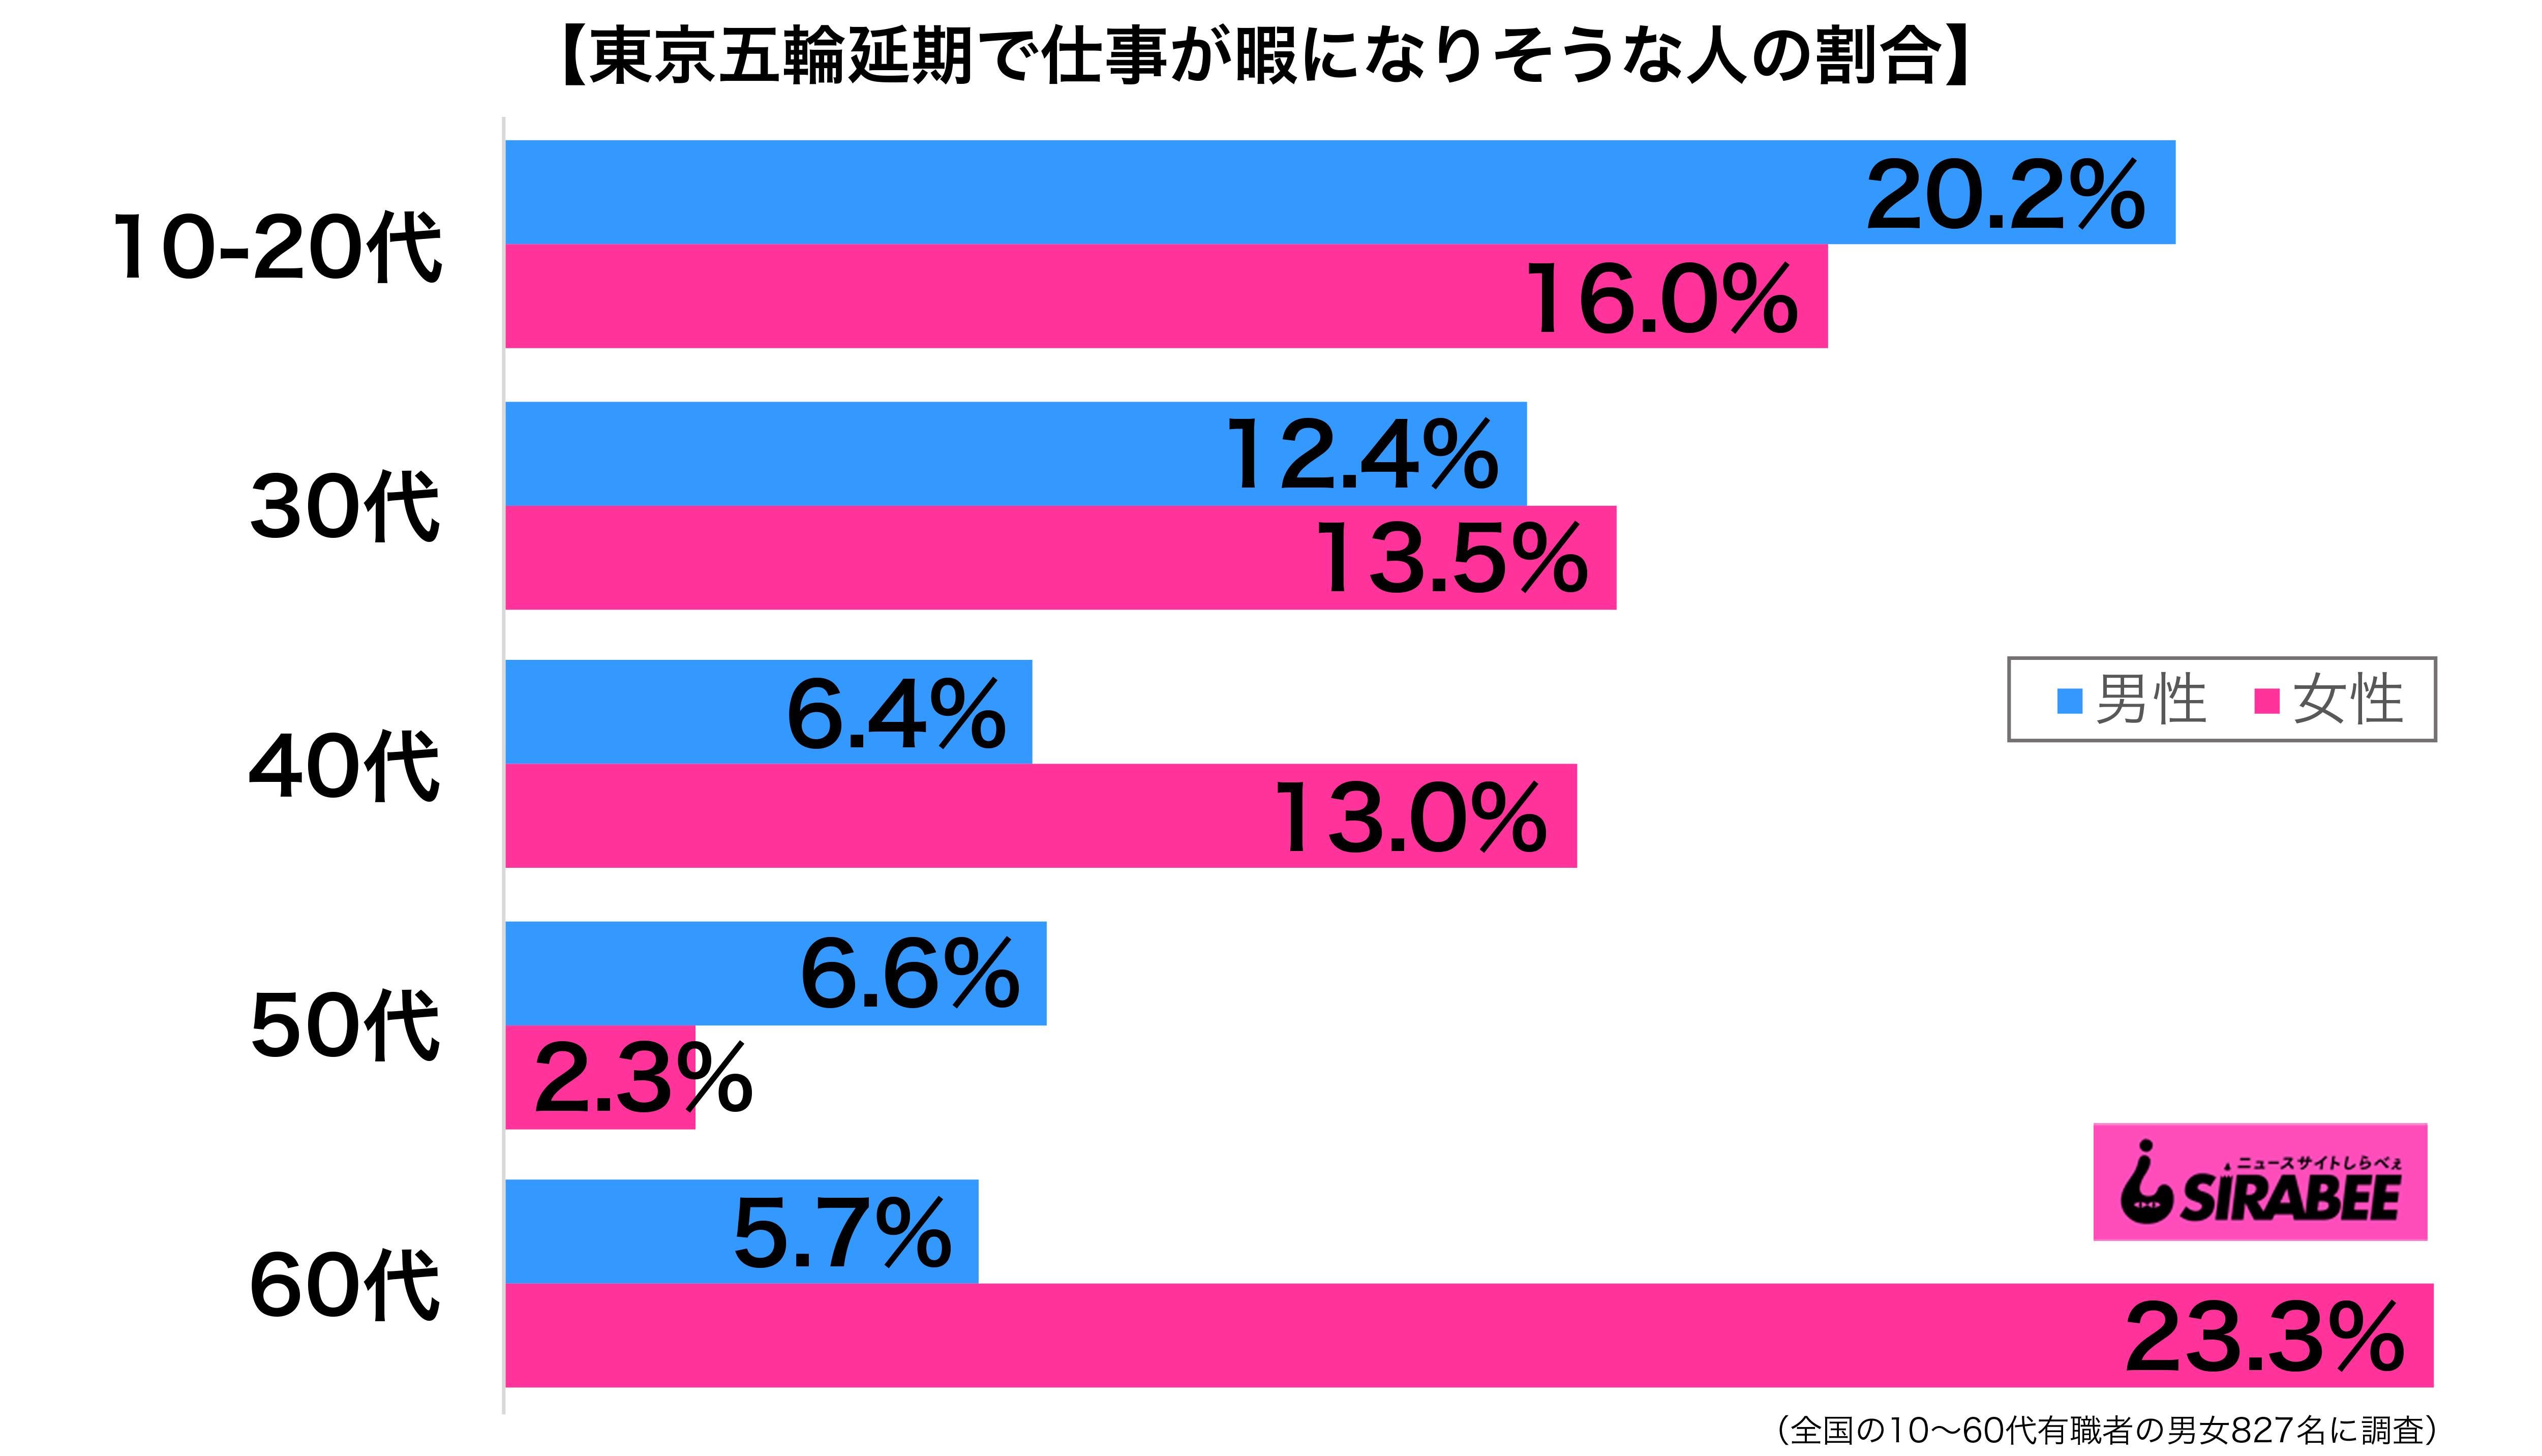 東京五輪延期で仕事が暇になりそうだ性年代別グラフ